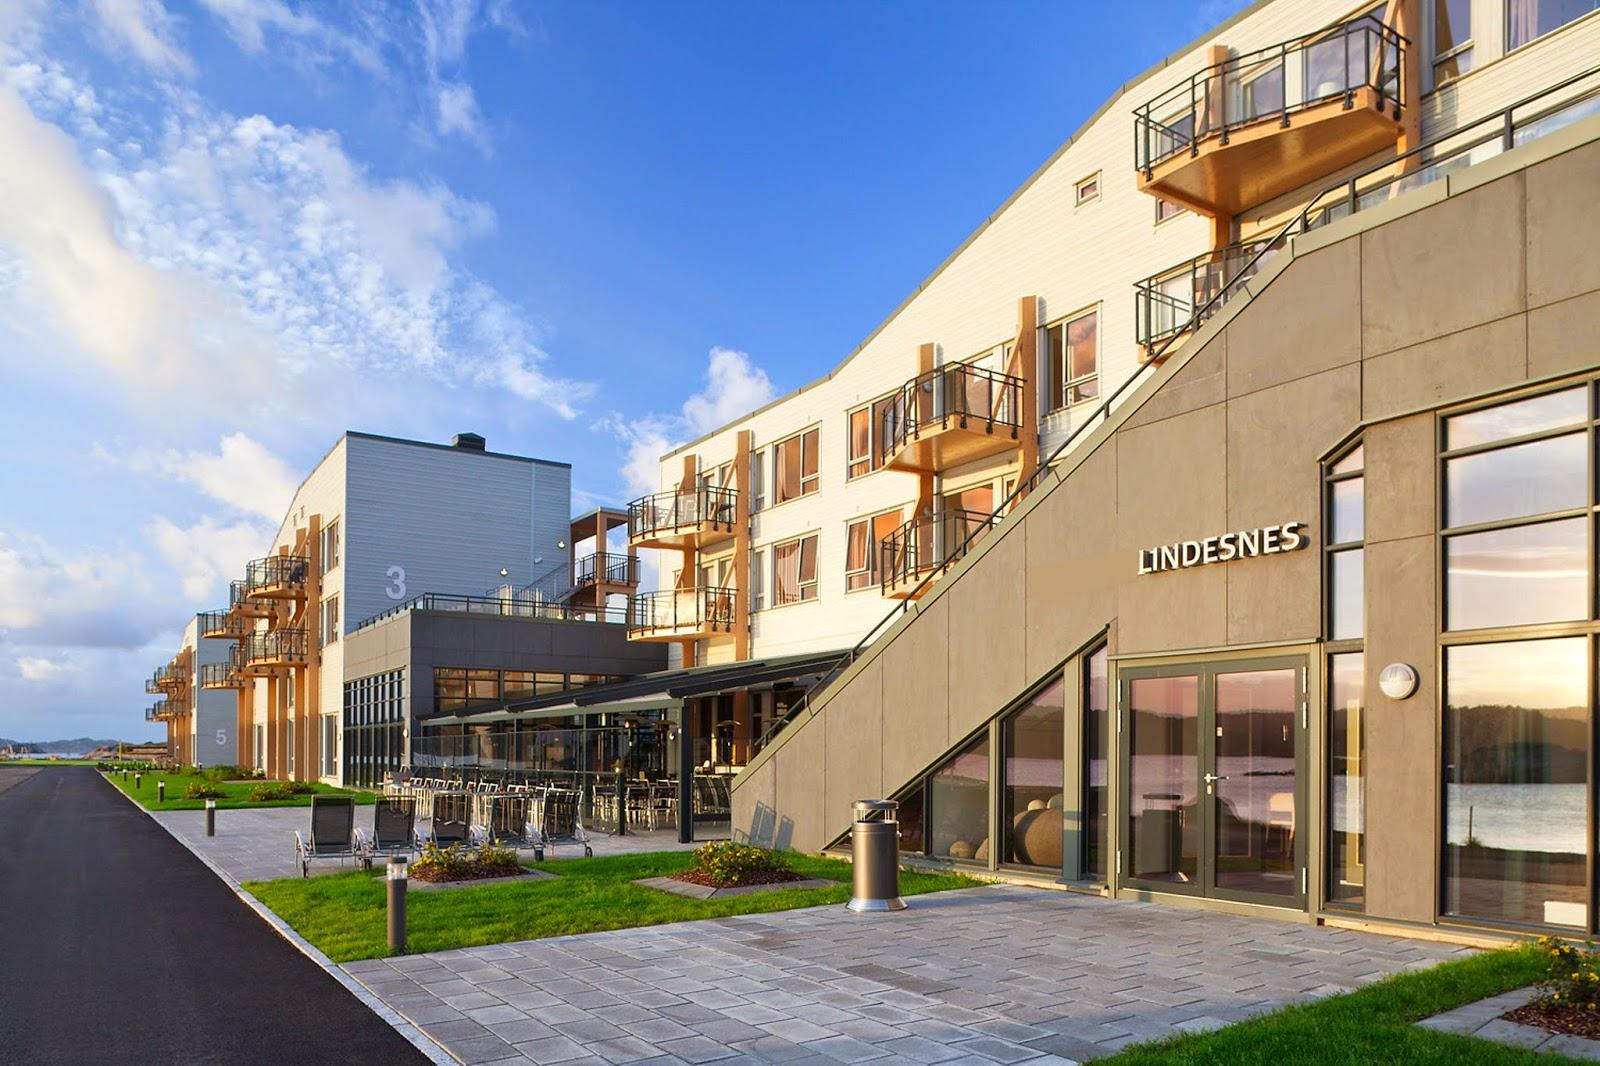 Lindesnes Havhotell ligger i sjønære omgivelser på Lindesnes.